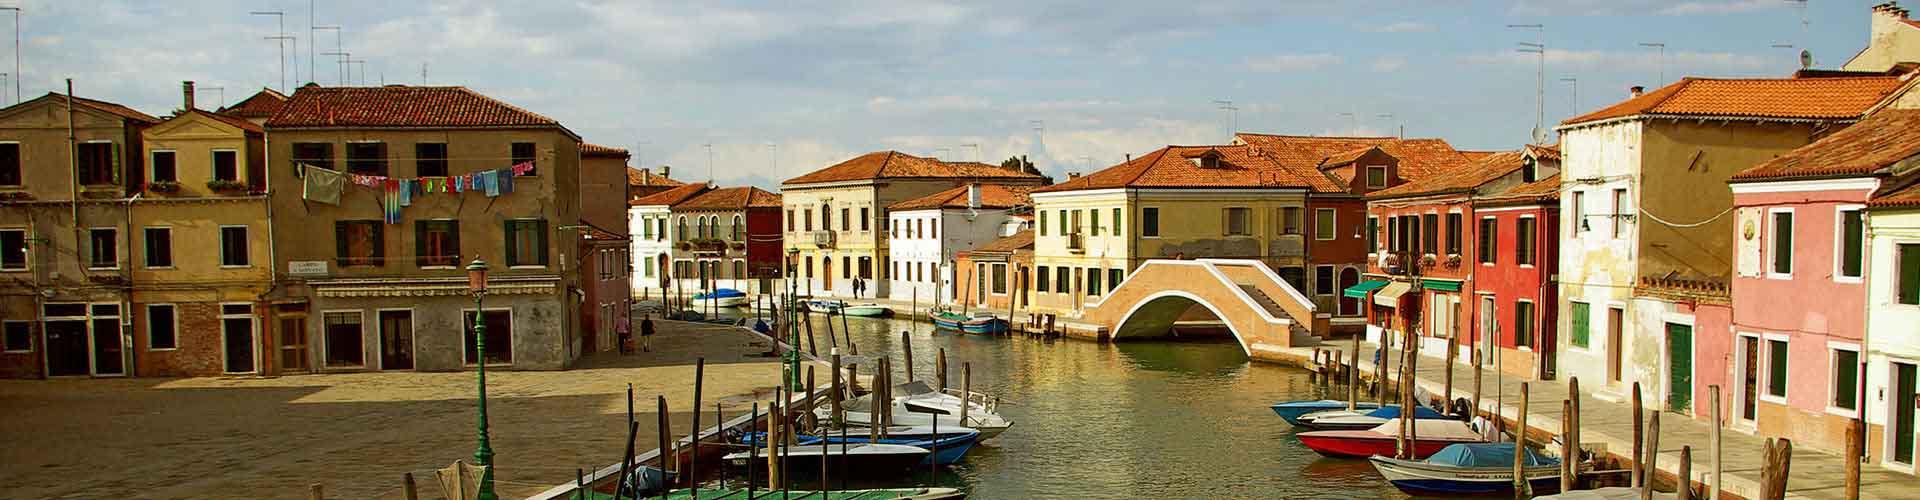 Venecia Mestre - Habitaciones en el distrito Q. 10. Mapas de Venecia Mestre, Fotos y comentarios de cada Habitación en Venecia Mestre.